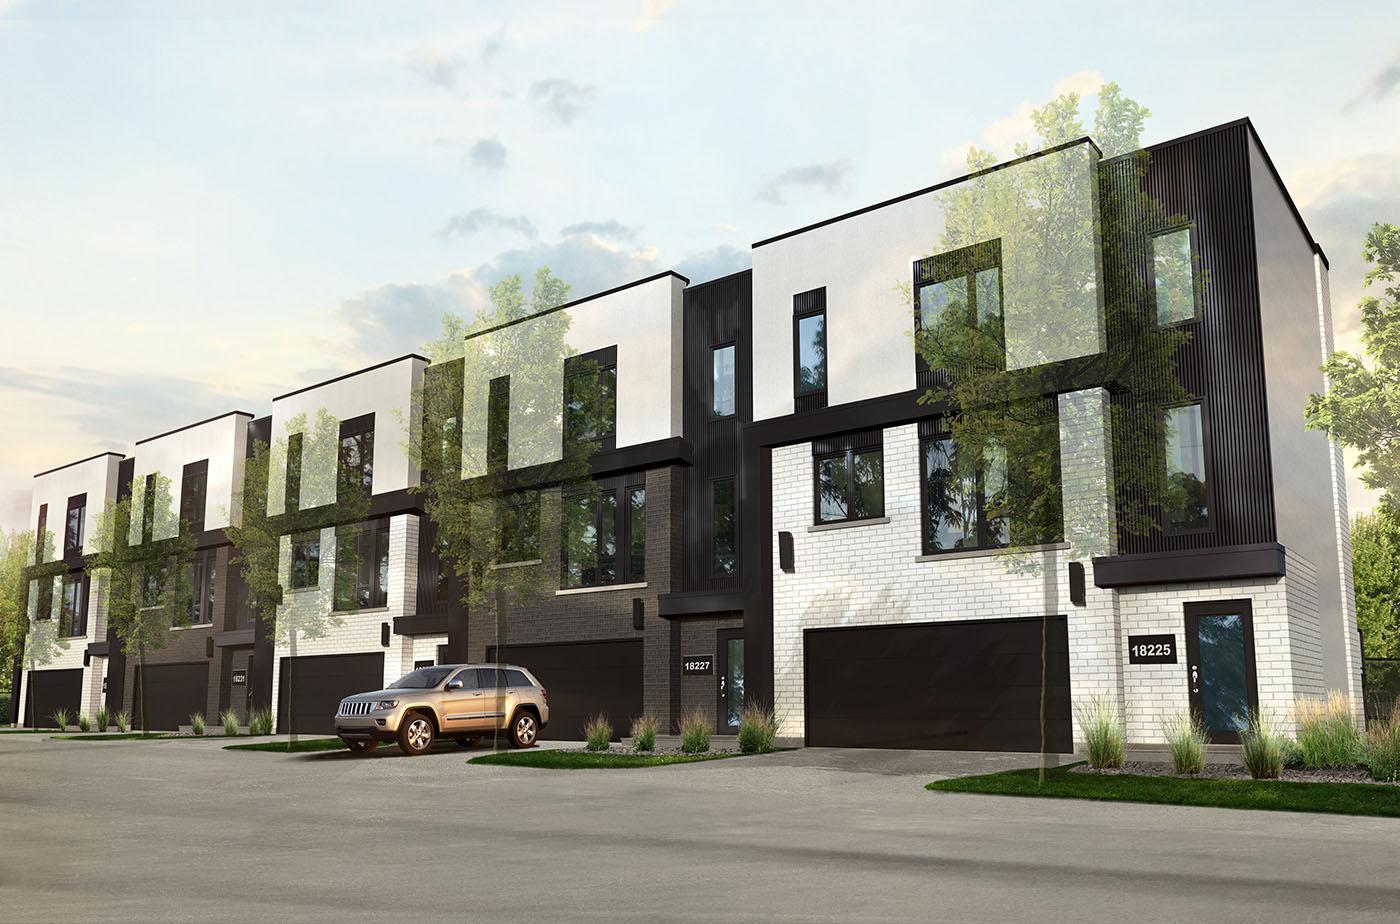 Maison de ville outlet mirabel segu maison for Vert urbain maison de ville